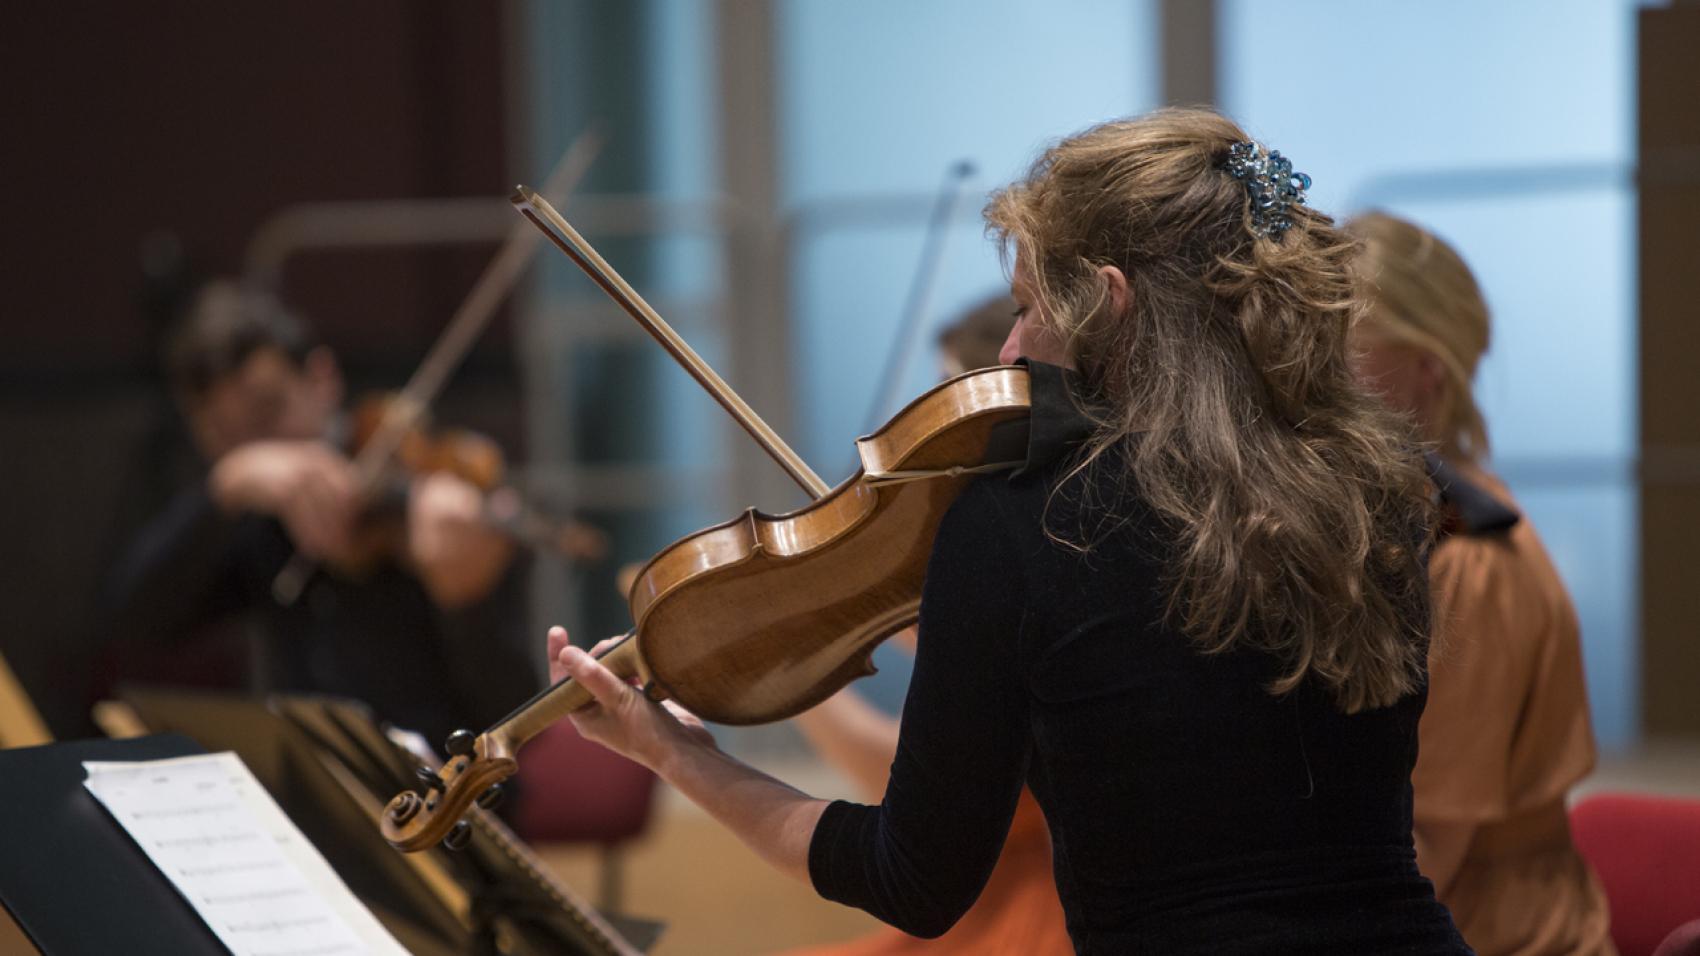 Anderhalvemeterconcert: Mendelssohn